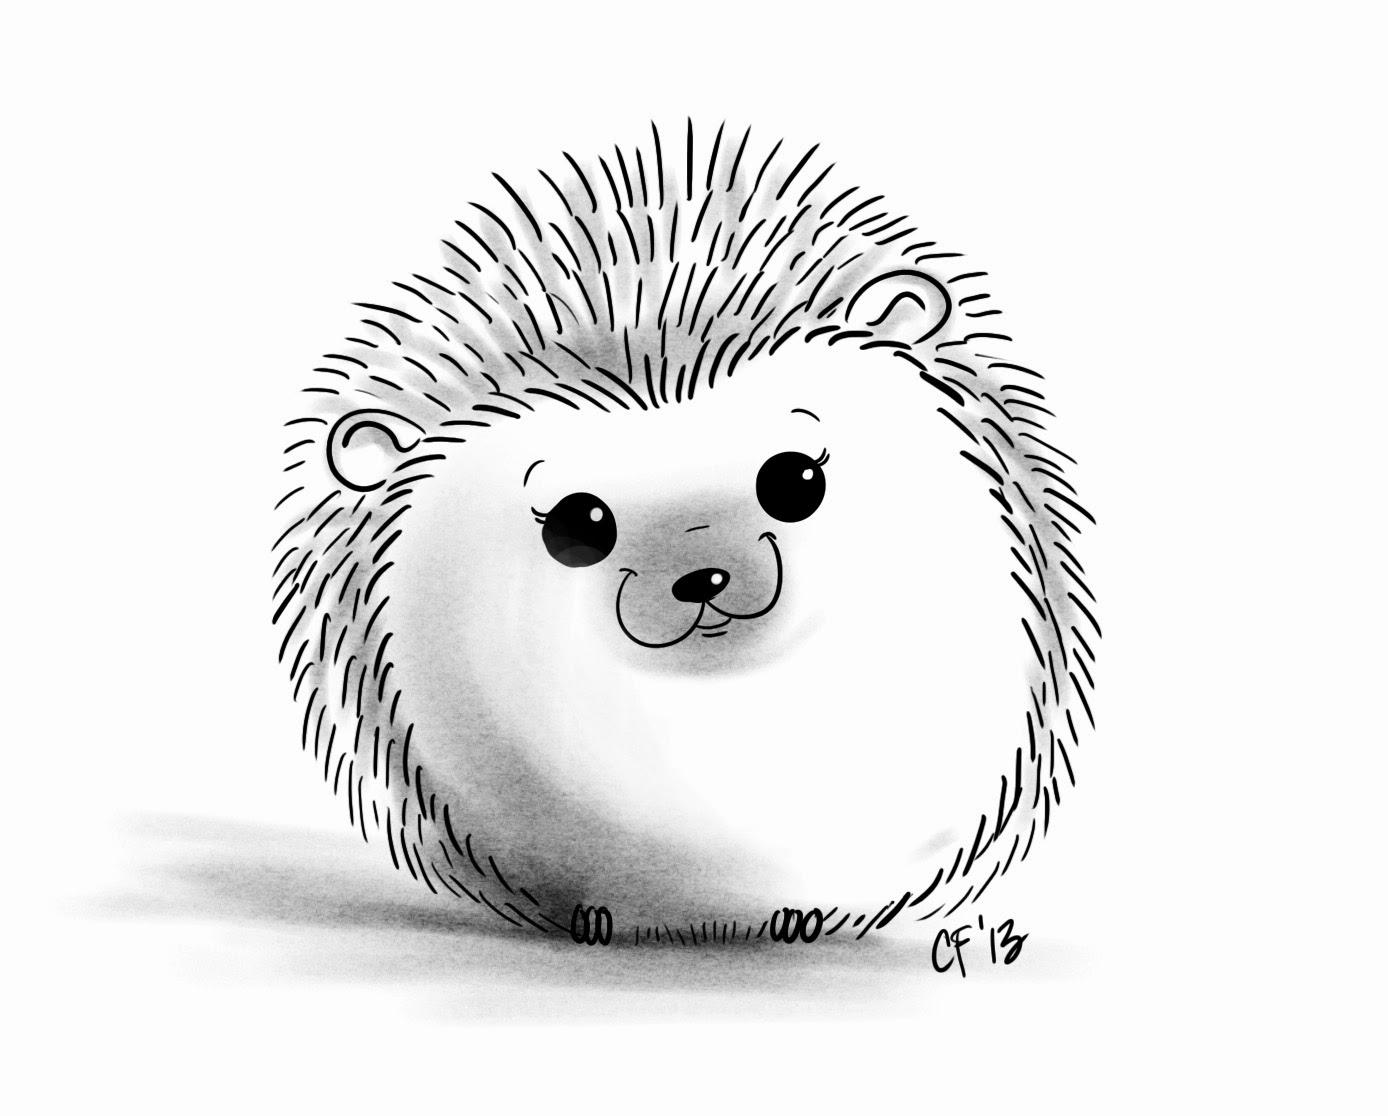 Drawn hedgehog Best On ideas OMG with